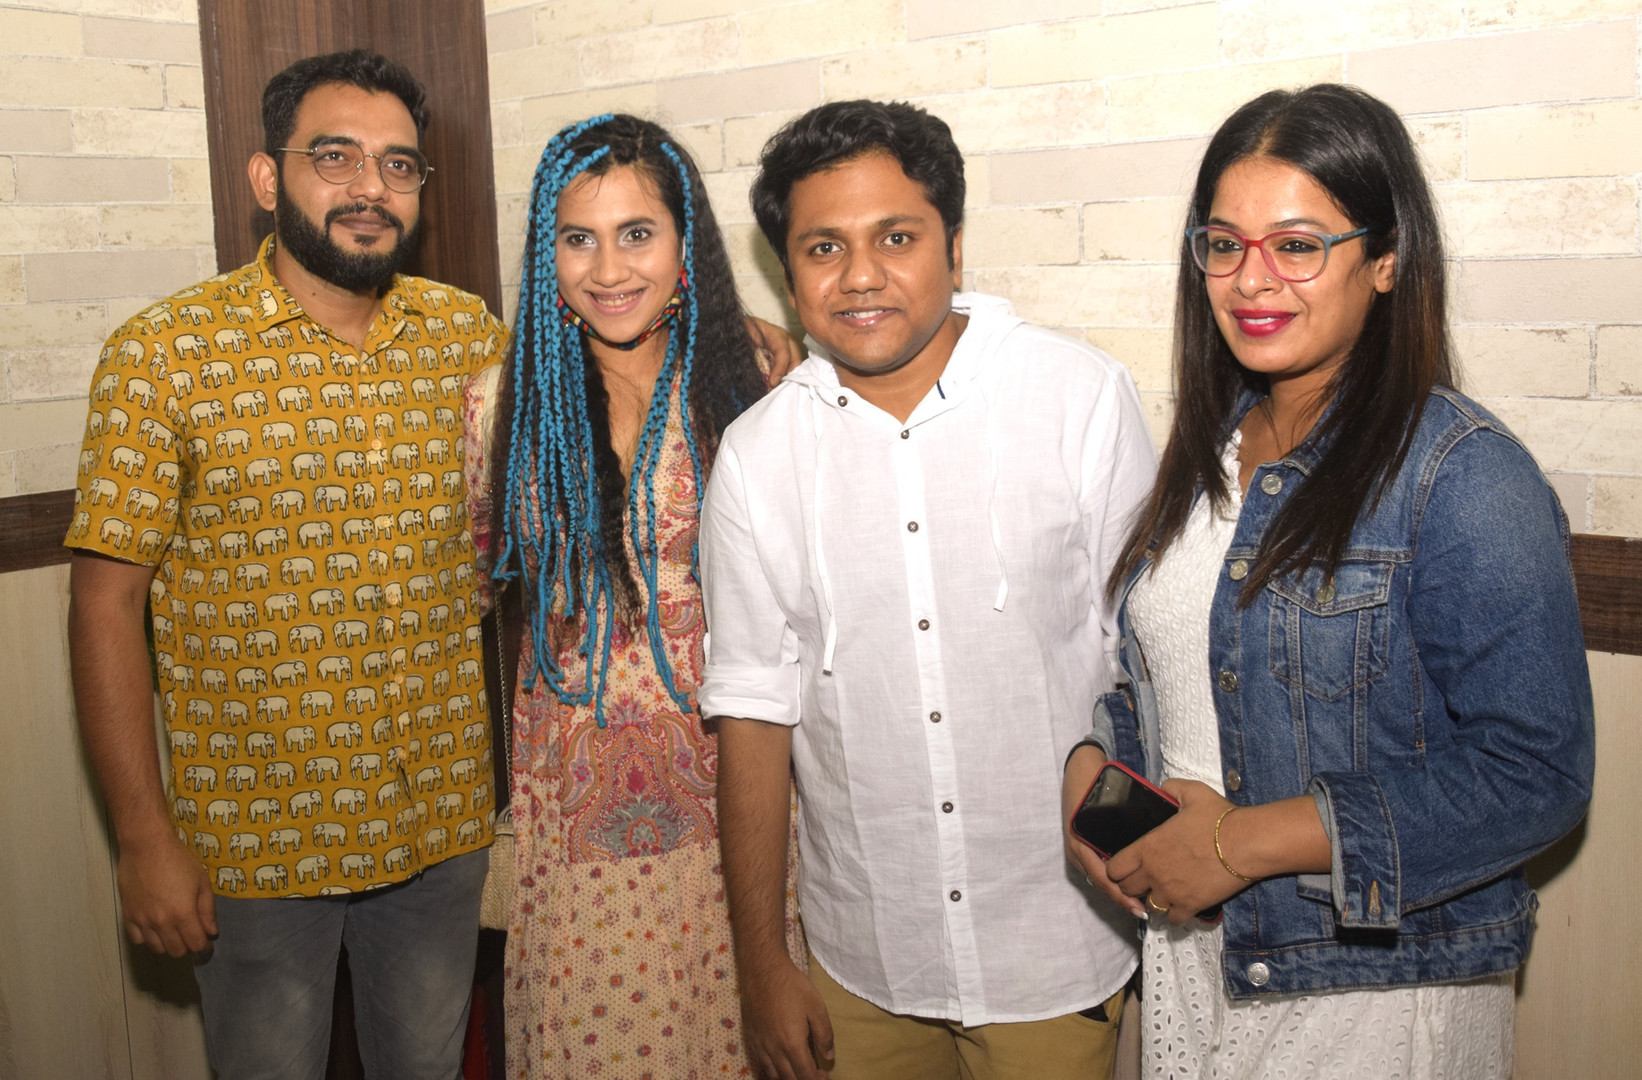 Namuk Brishti Press Conference